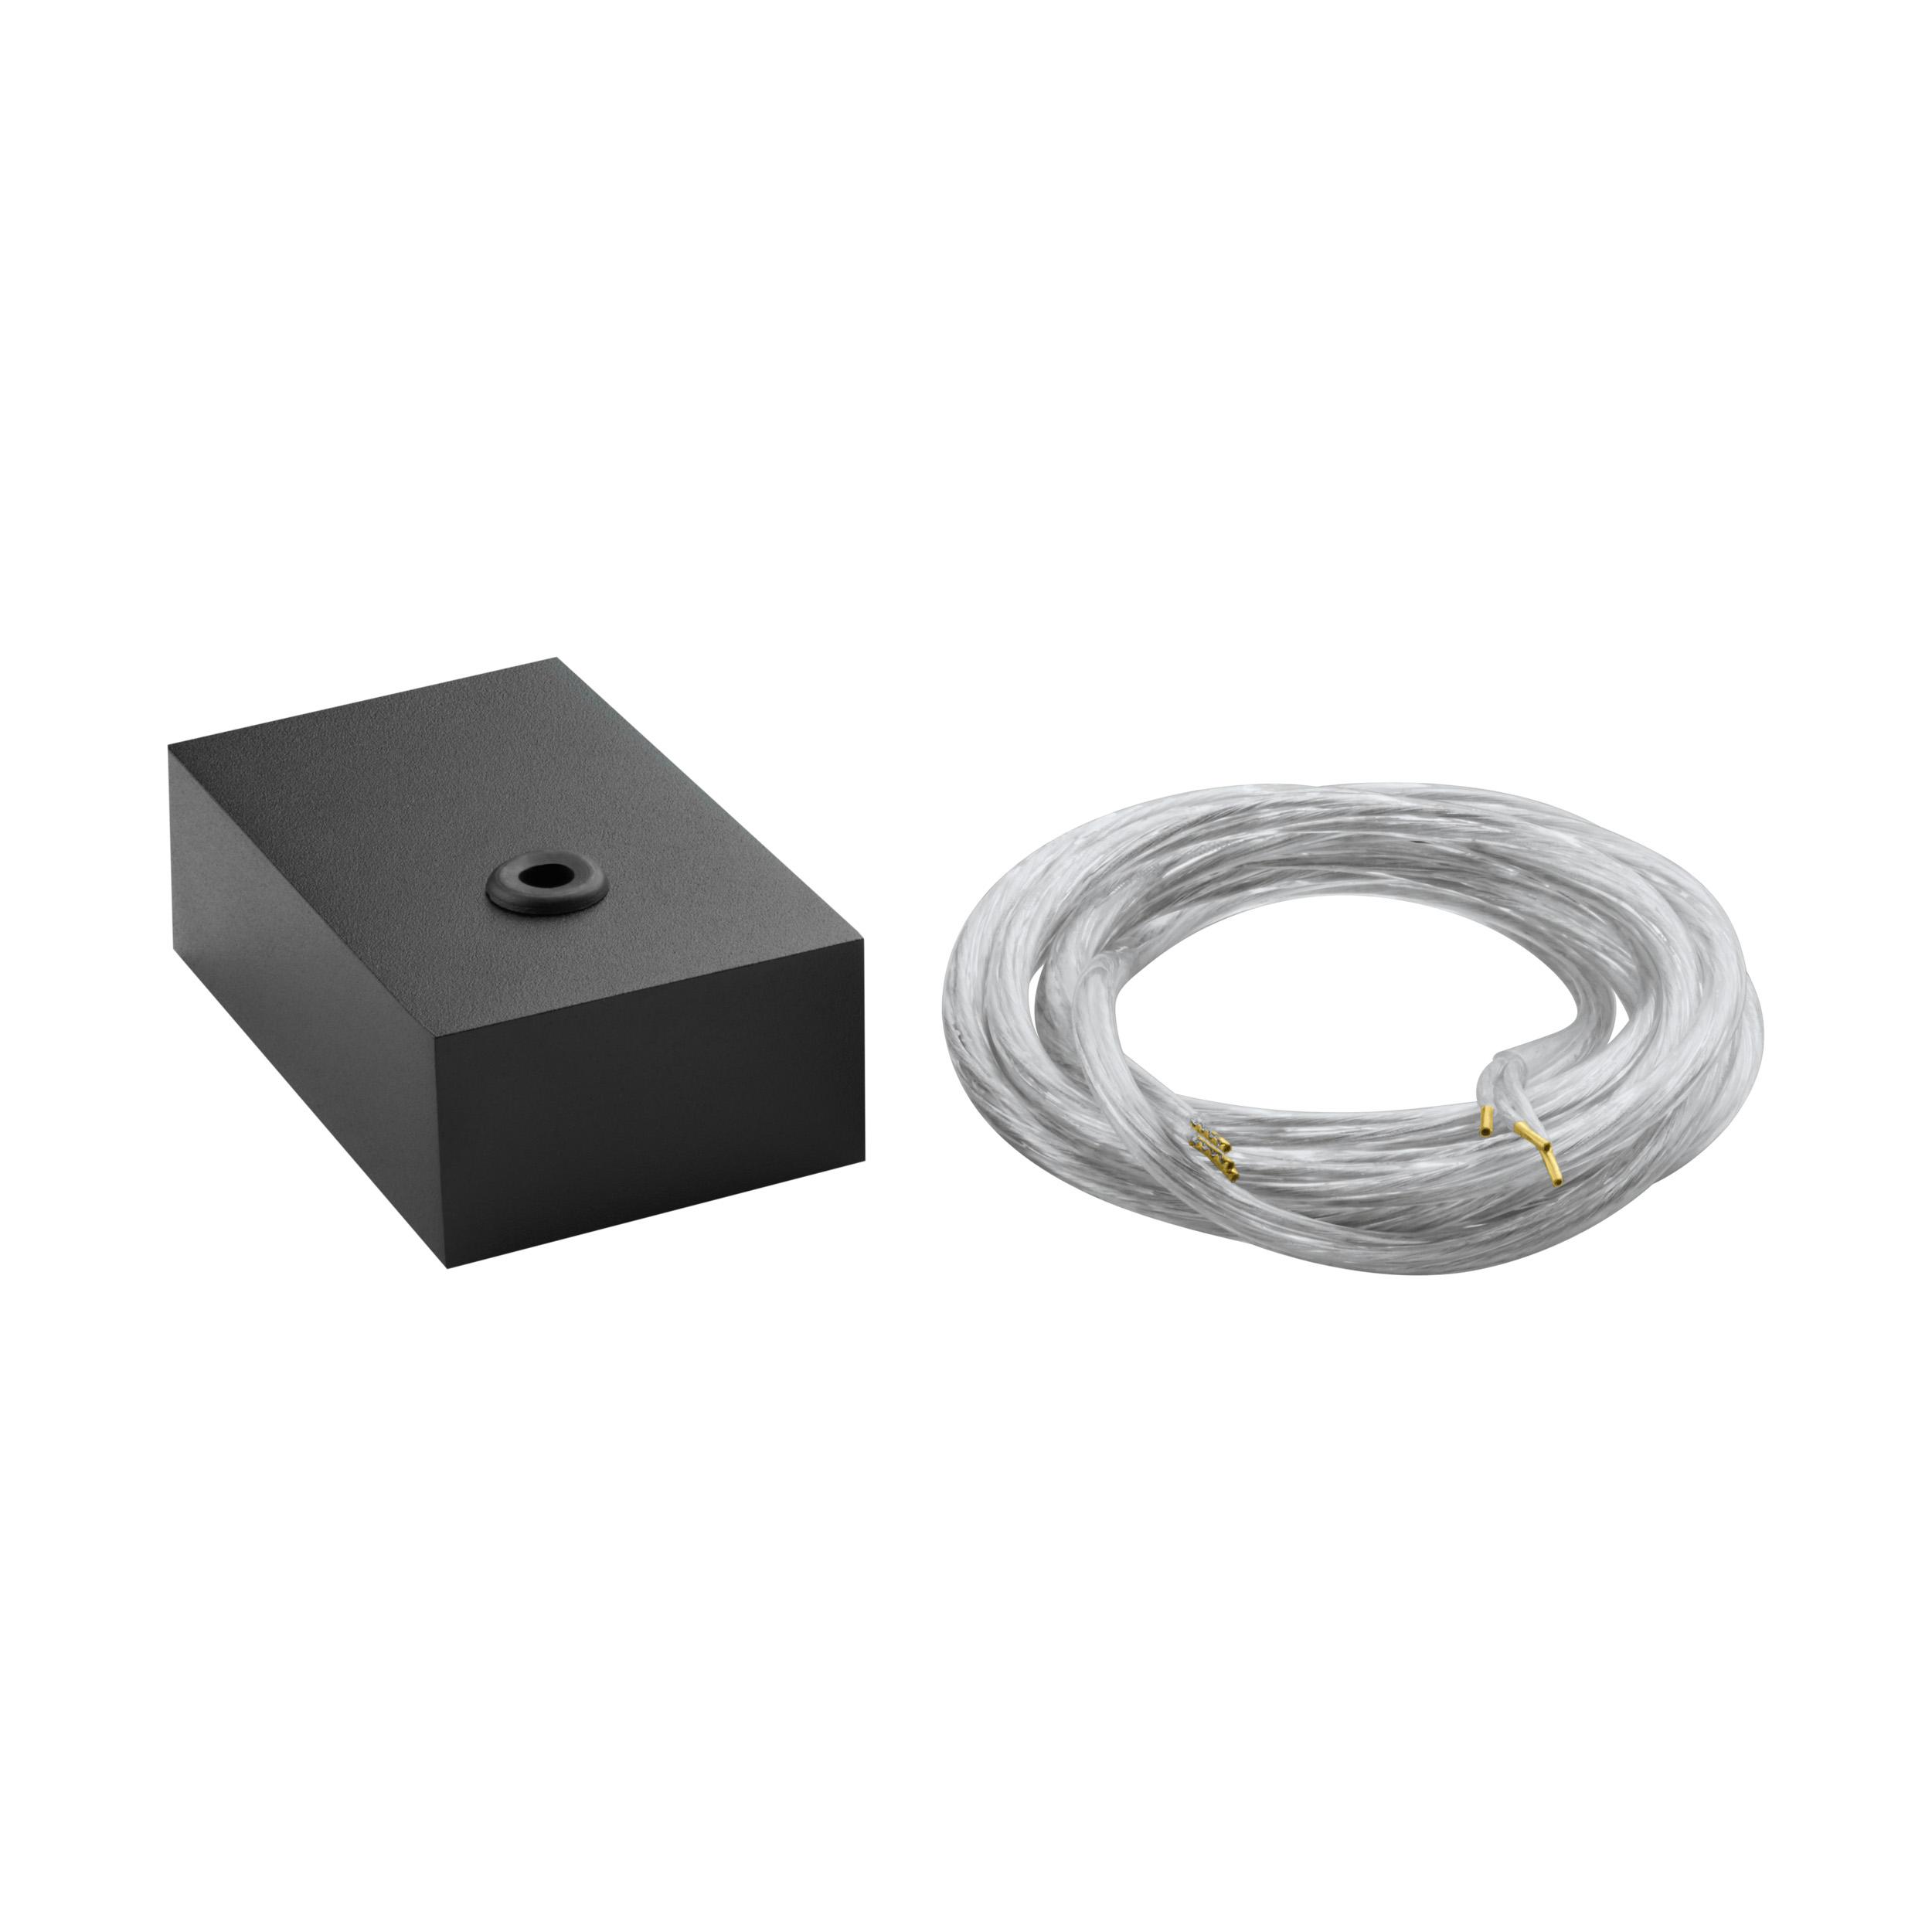 1 Stk Einspeisung 5 polig schwarz eloxiert IP20 LI65508---